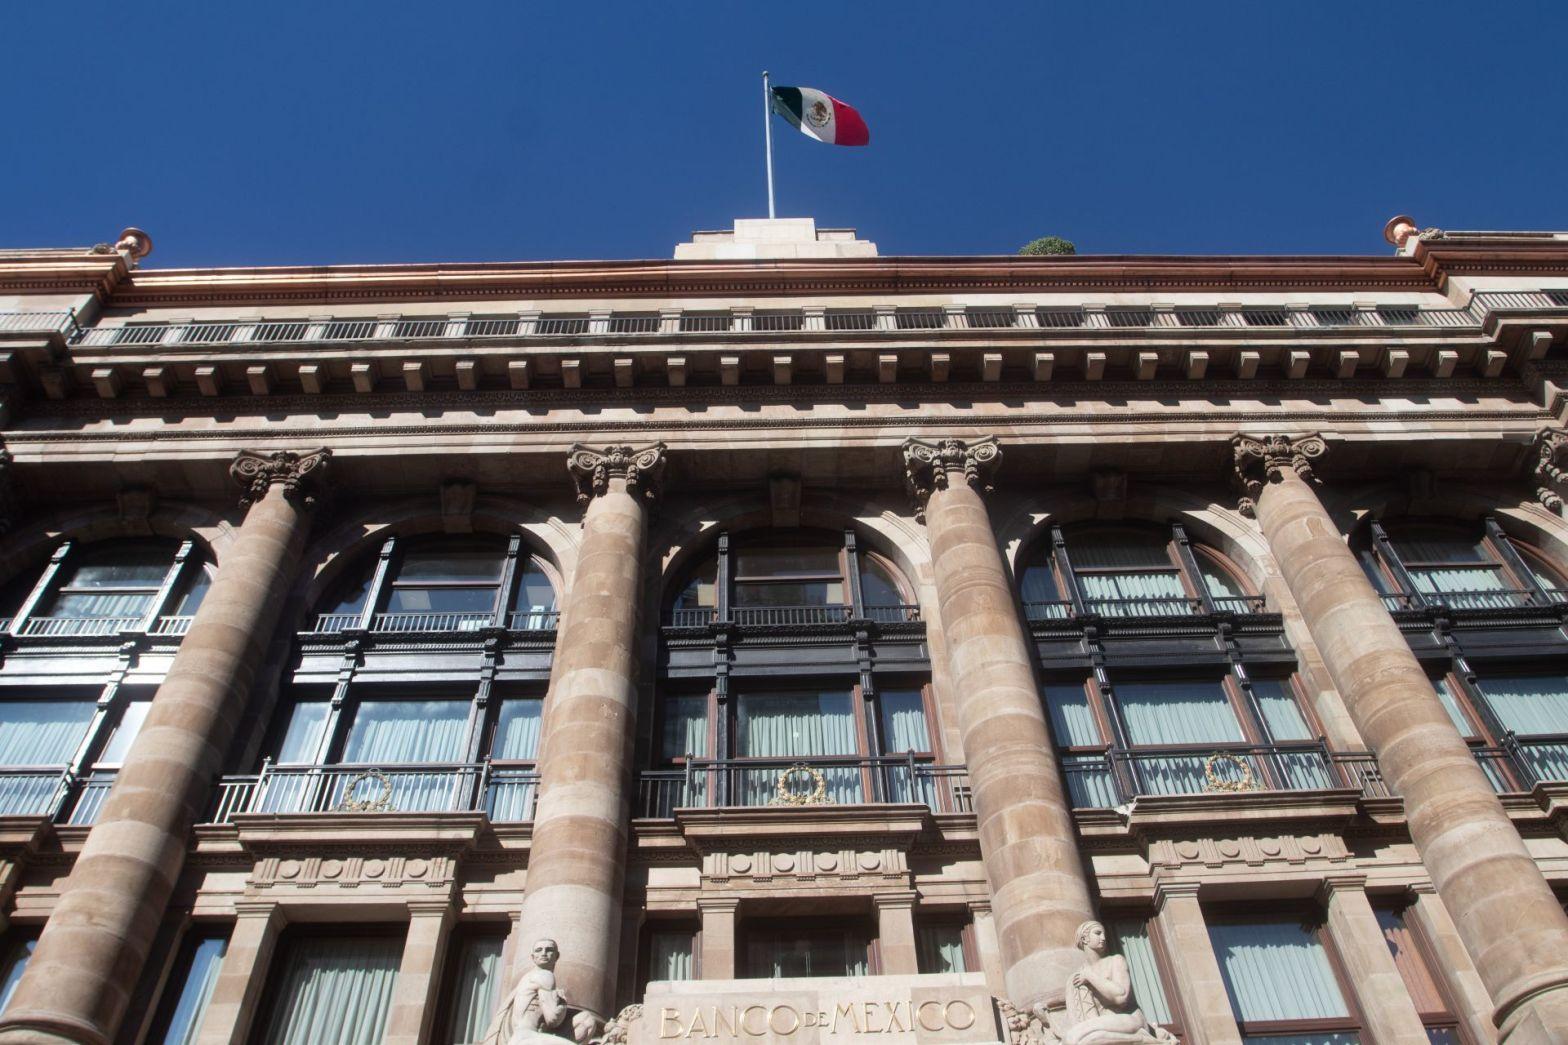 las reservas del Banco de México pasaran de 176 mil millones de dólares a 206 mil millones de dólares